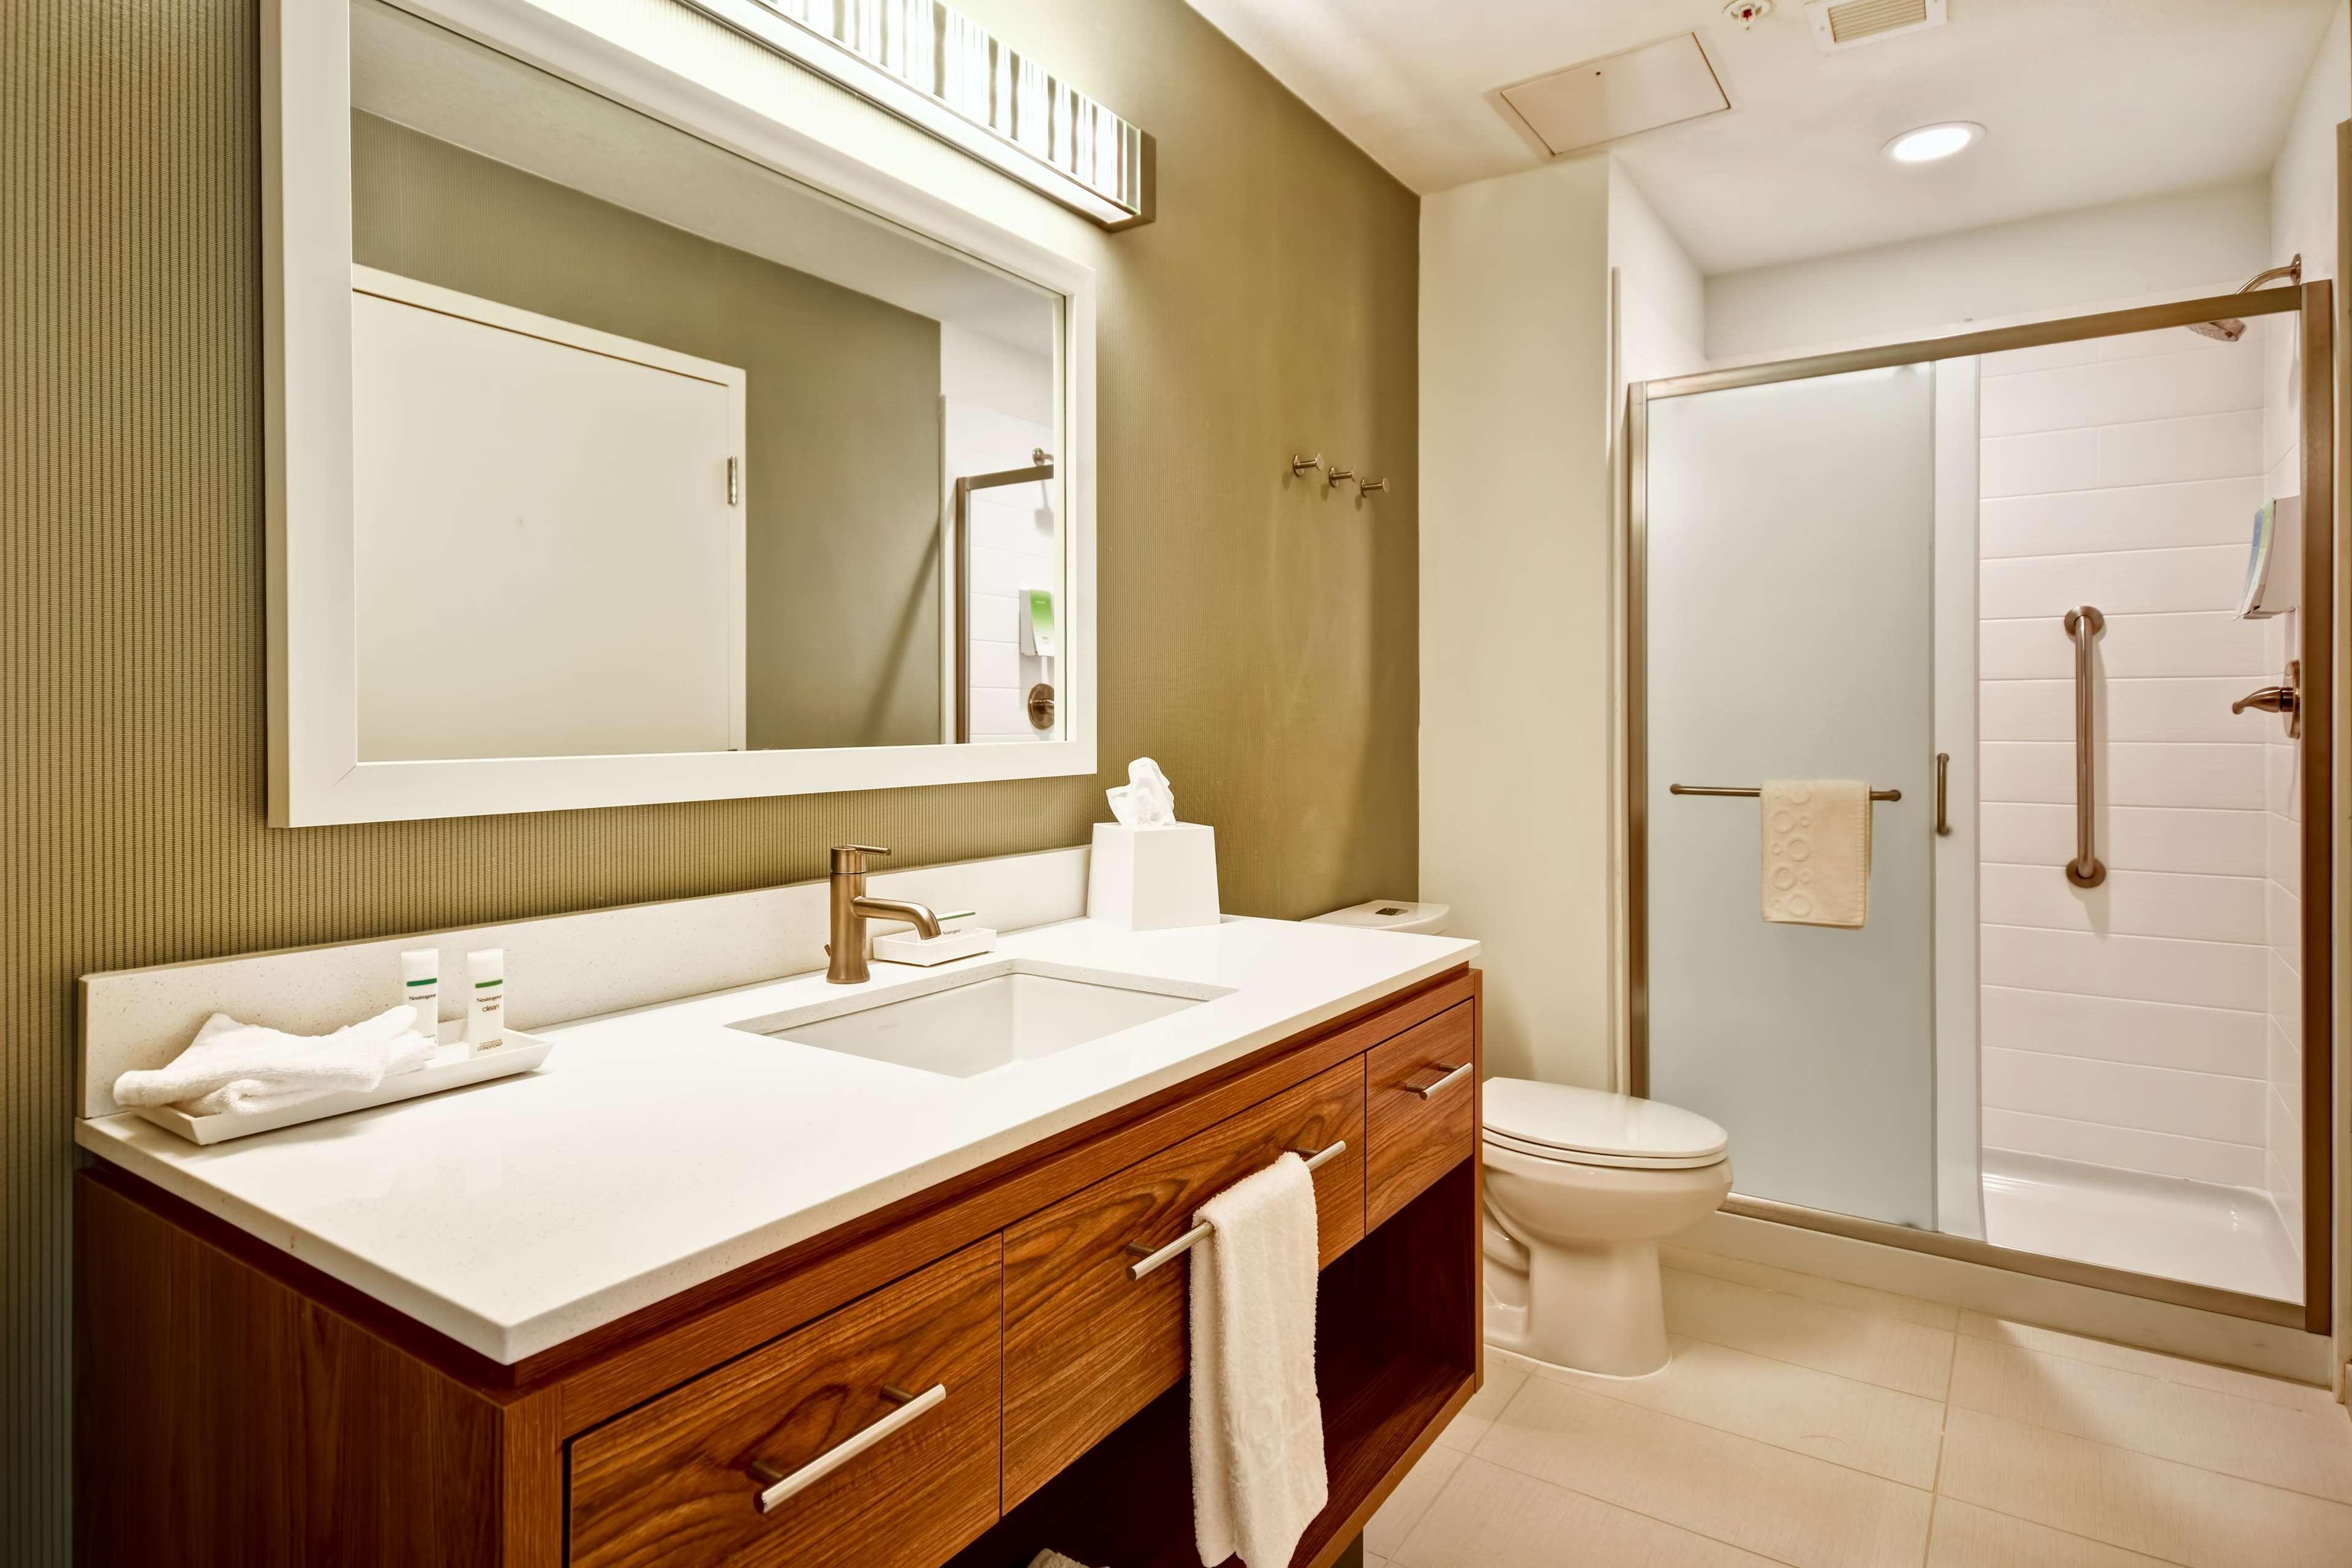 Home2 Suites by Hilton Smyrna Nashville image 35